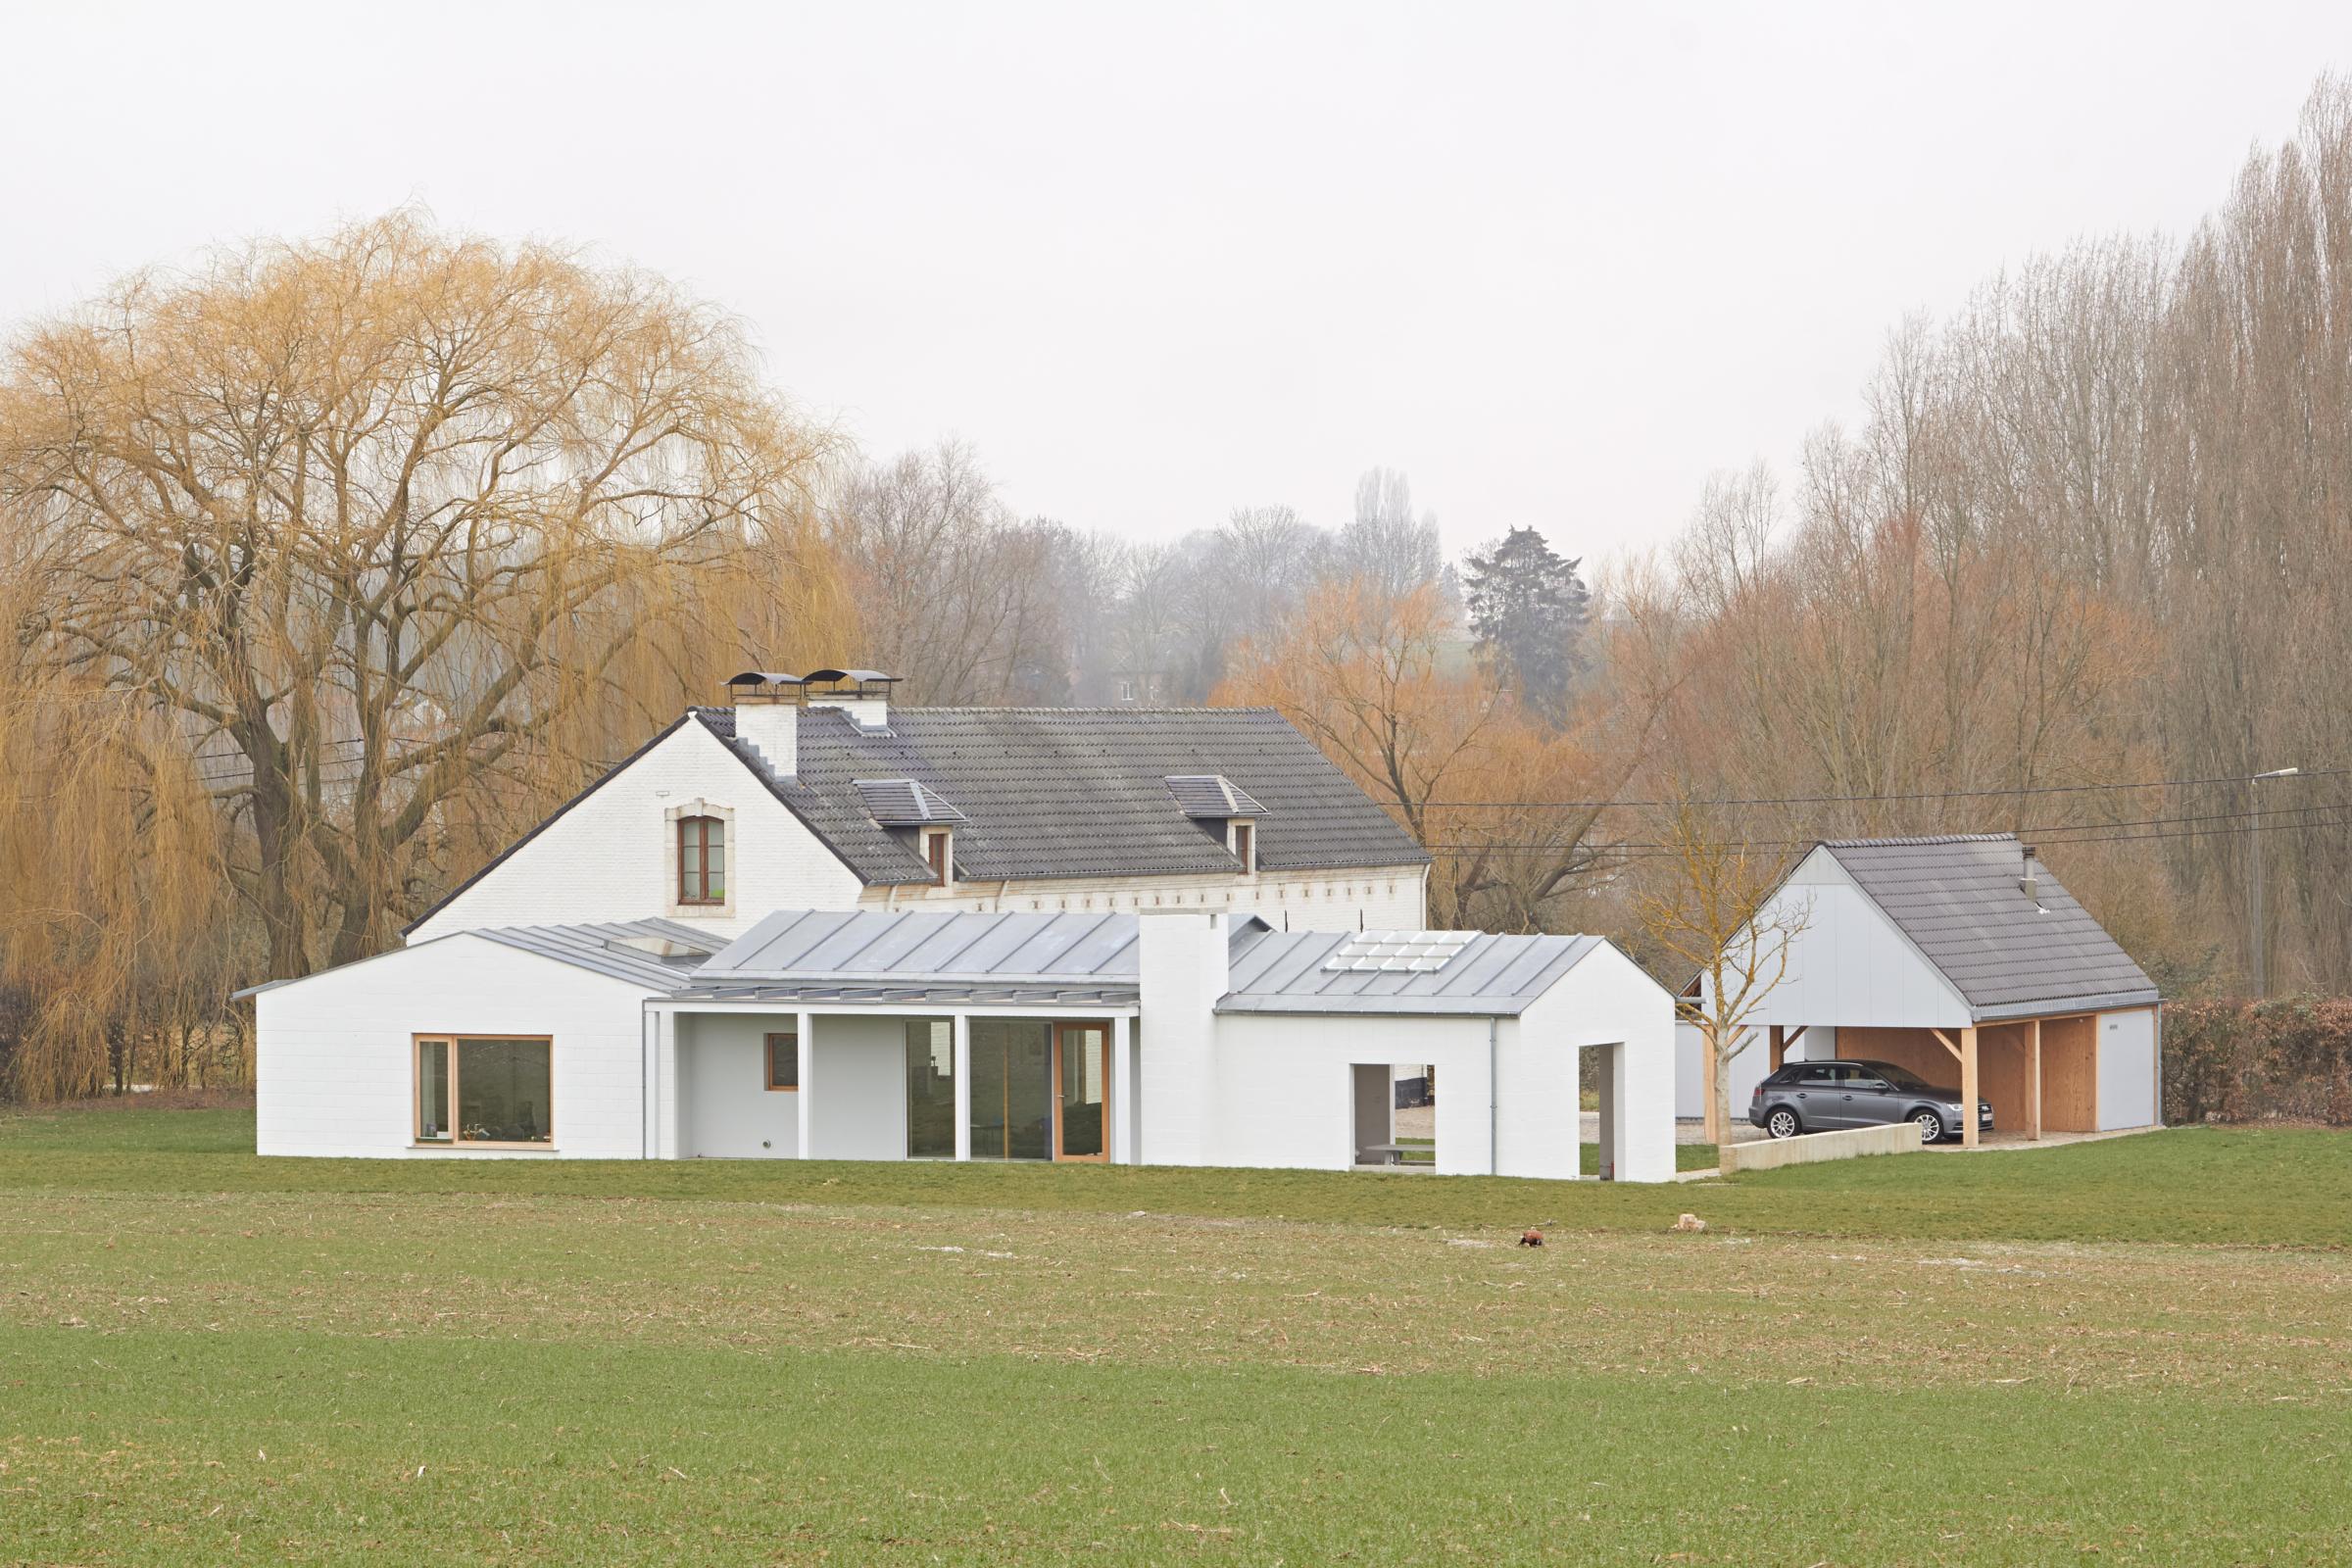 De nieuwe volumes vergezellen het solitaire huis en domesticeren een stuk land